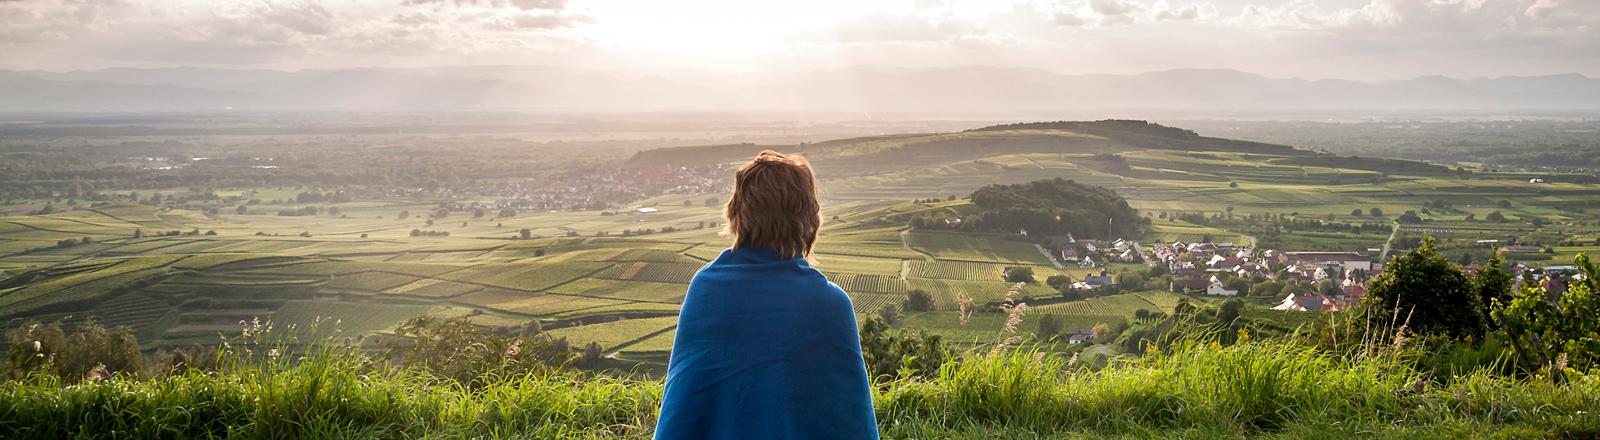 Frau sitzt auf einer Bank vor Panorama.